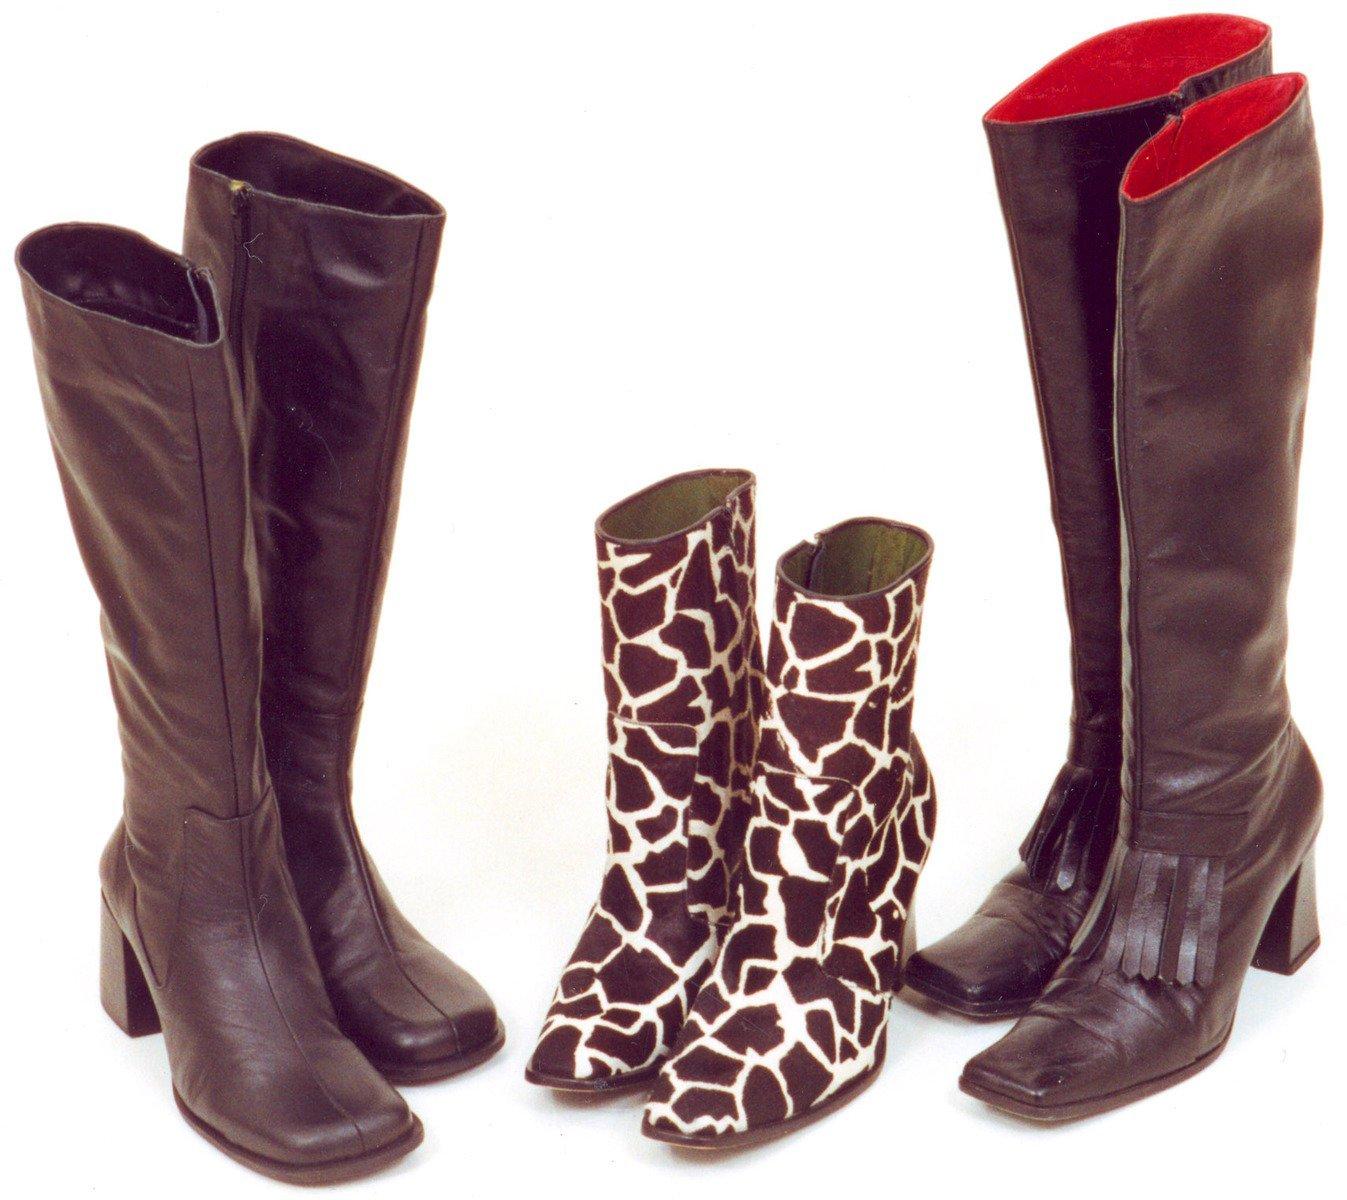 Schuhe aus dem Online-Fachhandel